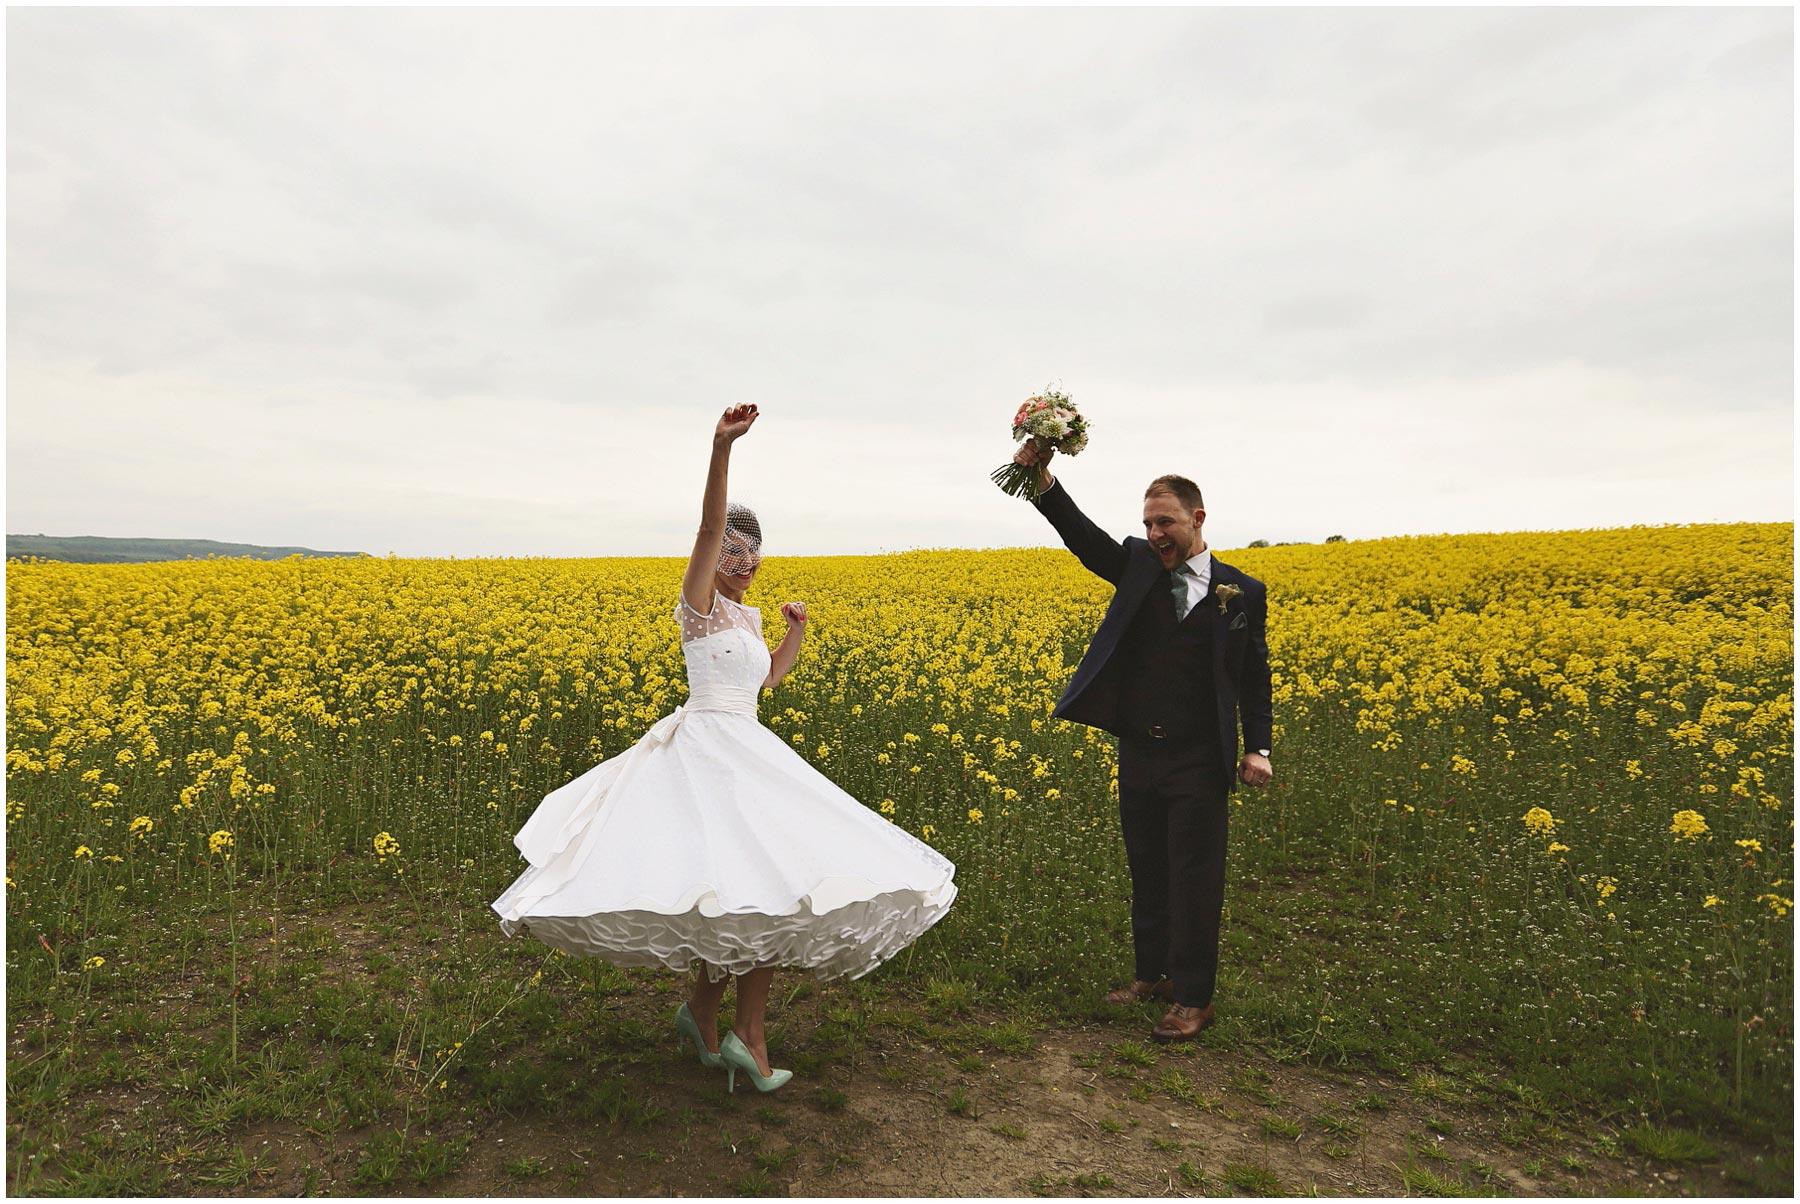 the-spiced-pear-wedding-photographer_0070